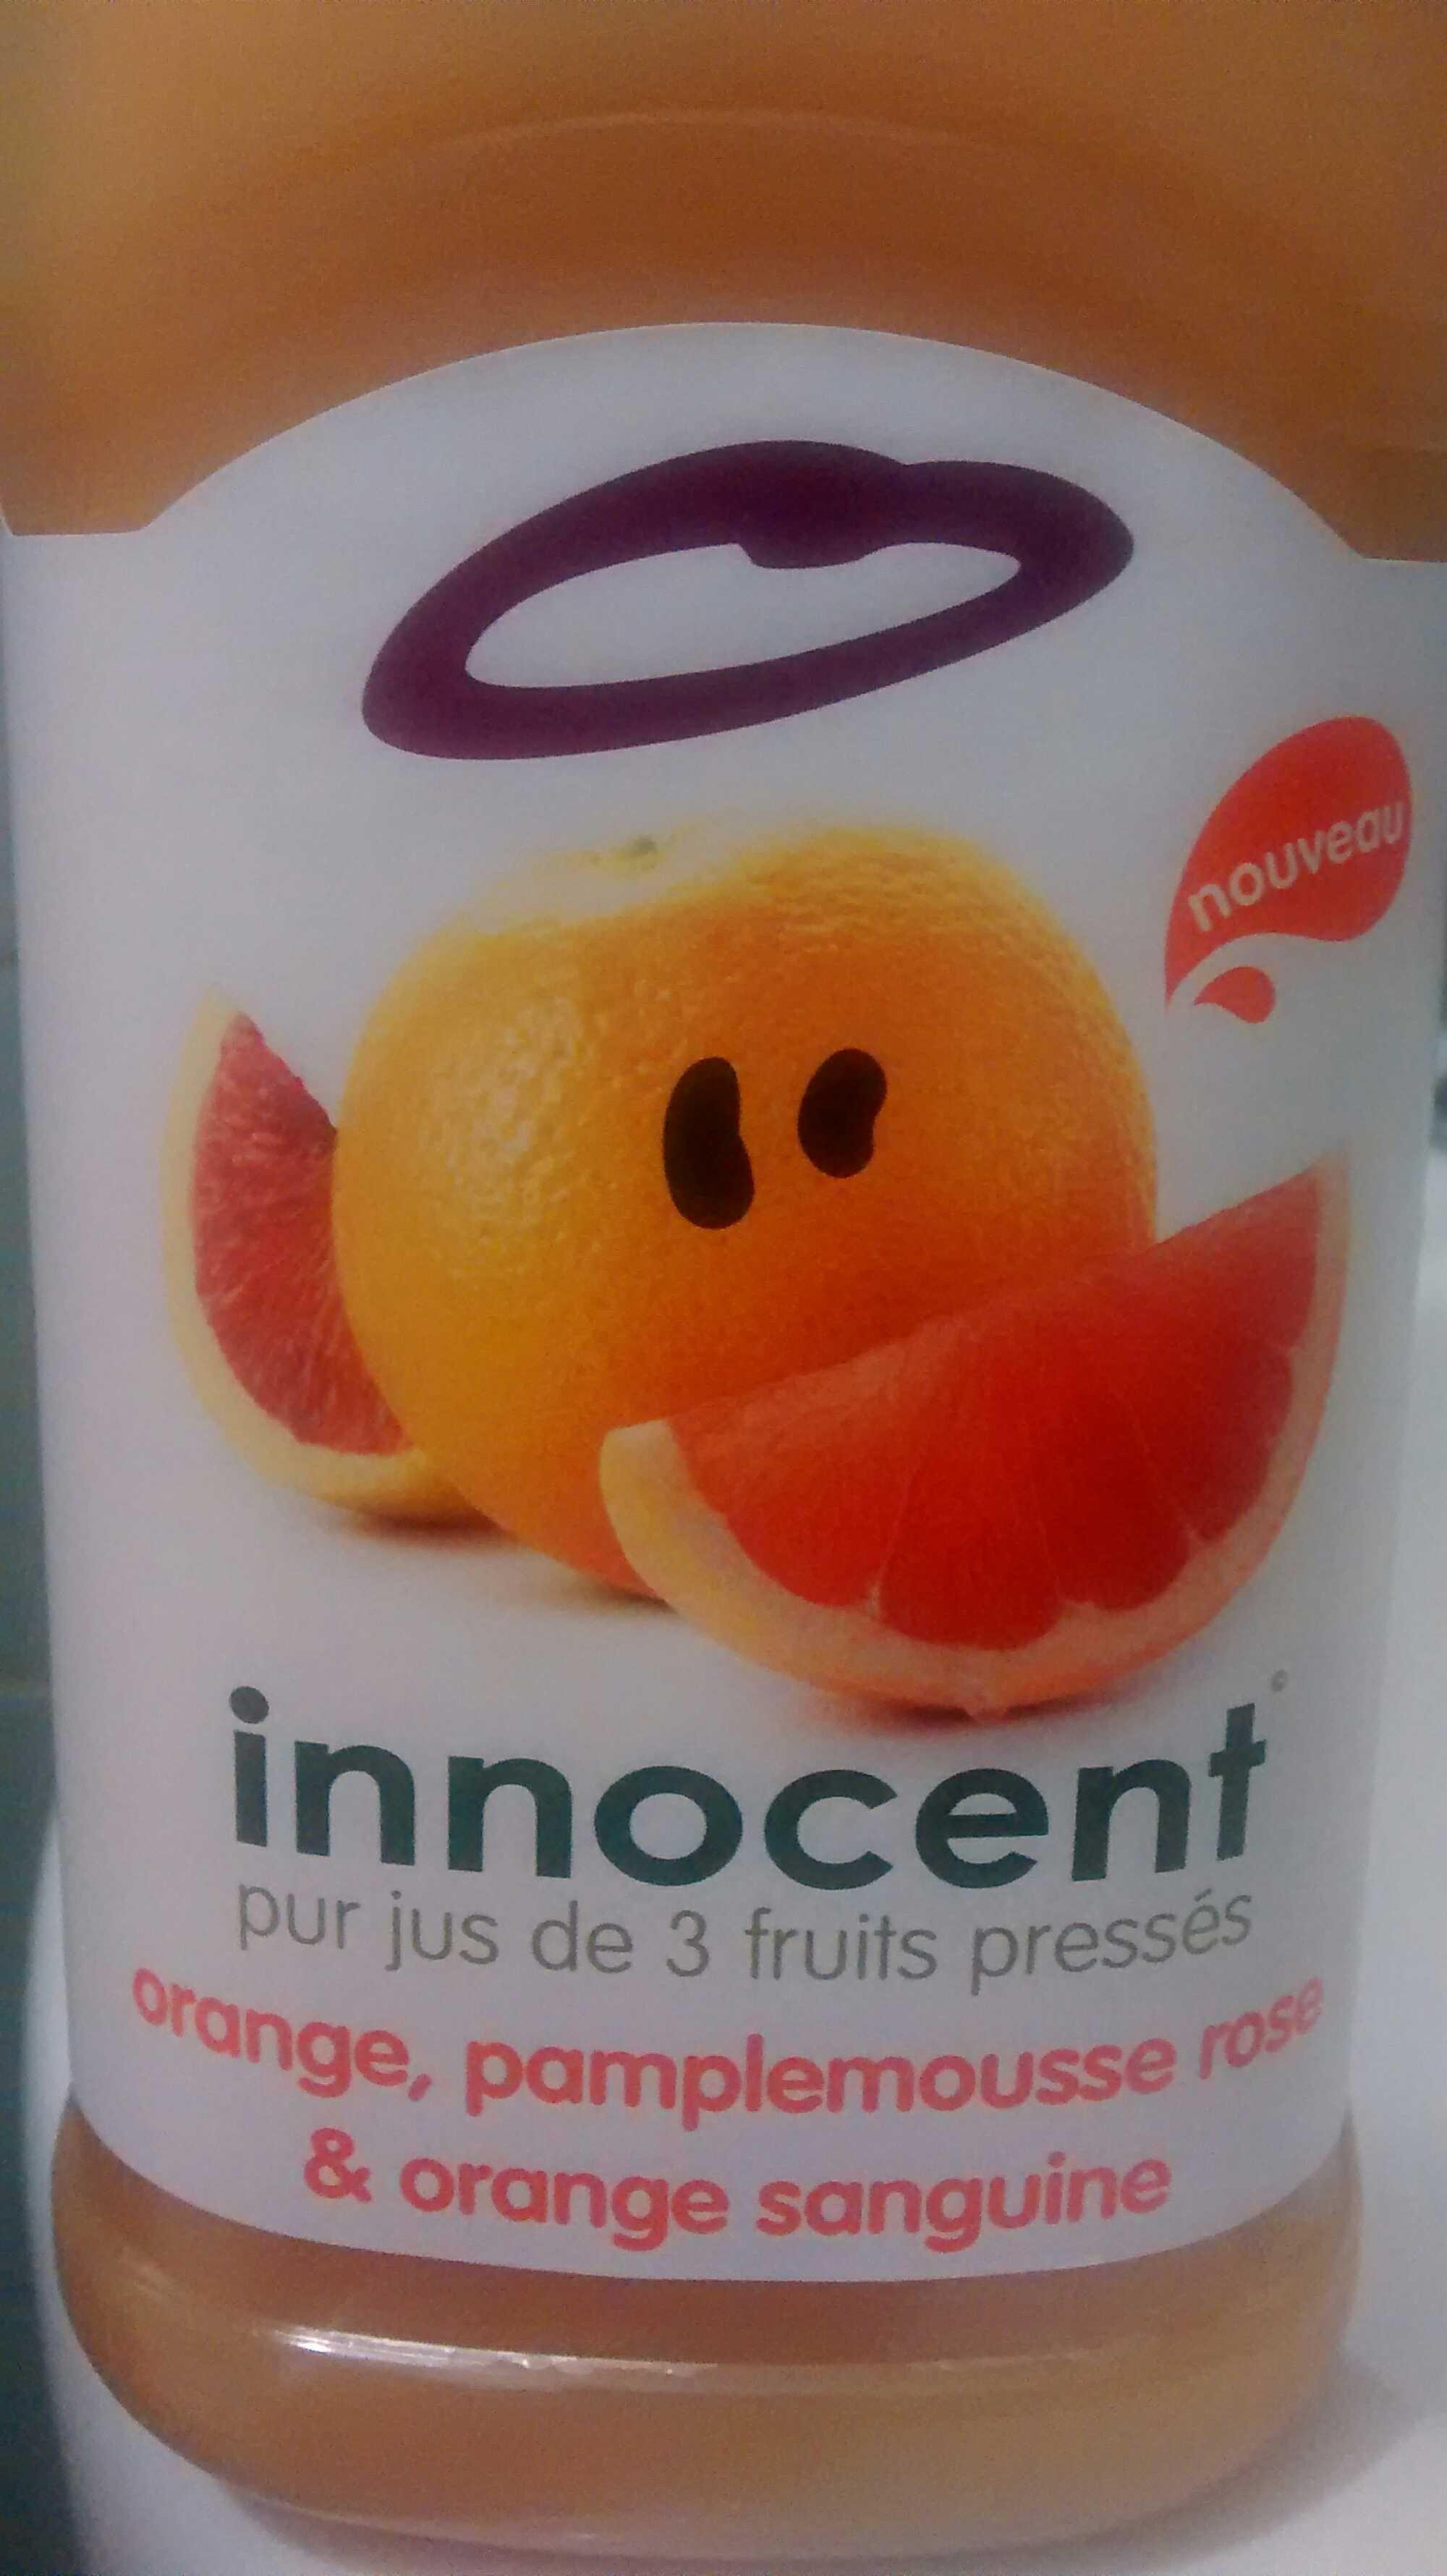 pur jus de 3 fruits pressés orange, pamplemousse rose & orange sanguine - Product